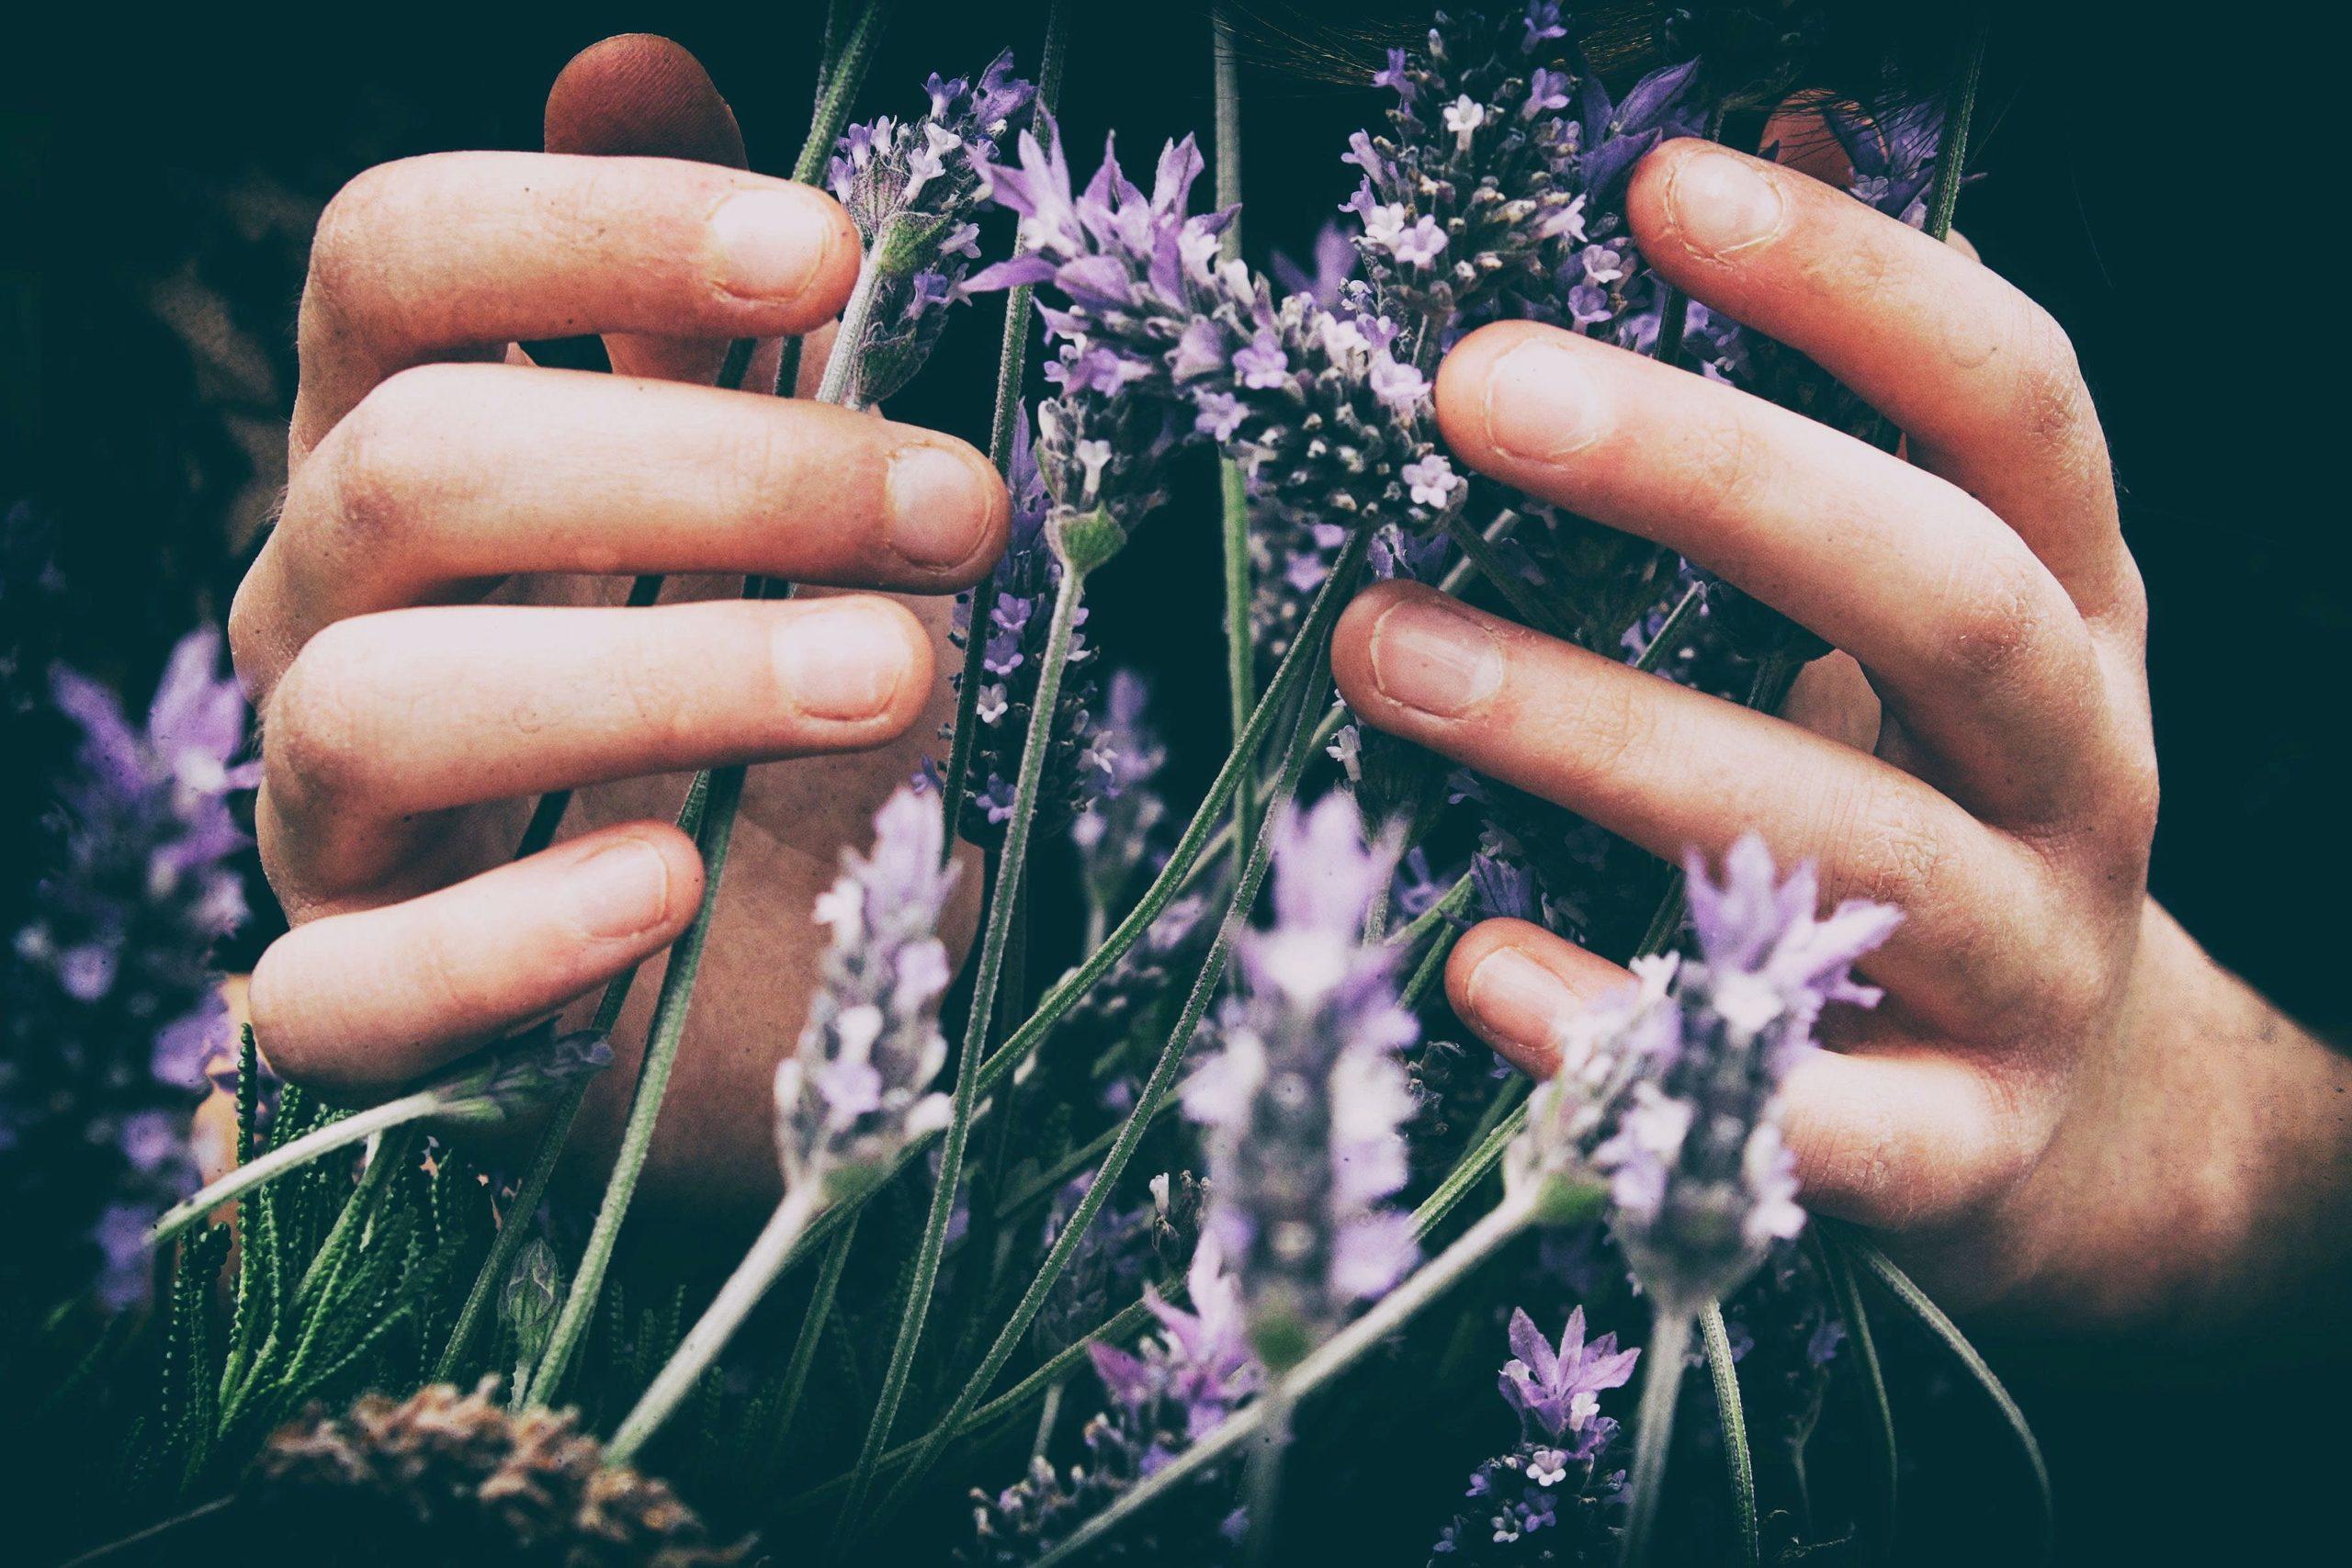 zwei Hände umfassen einige Lavendelpflanzen ätherisches Lavendelöl